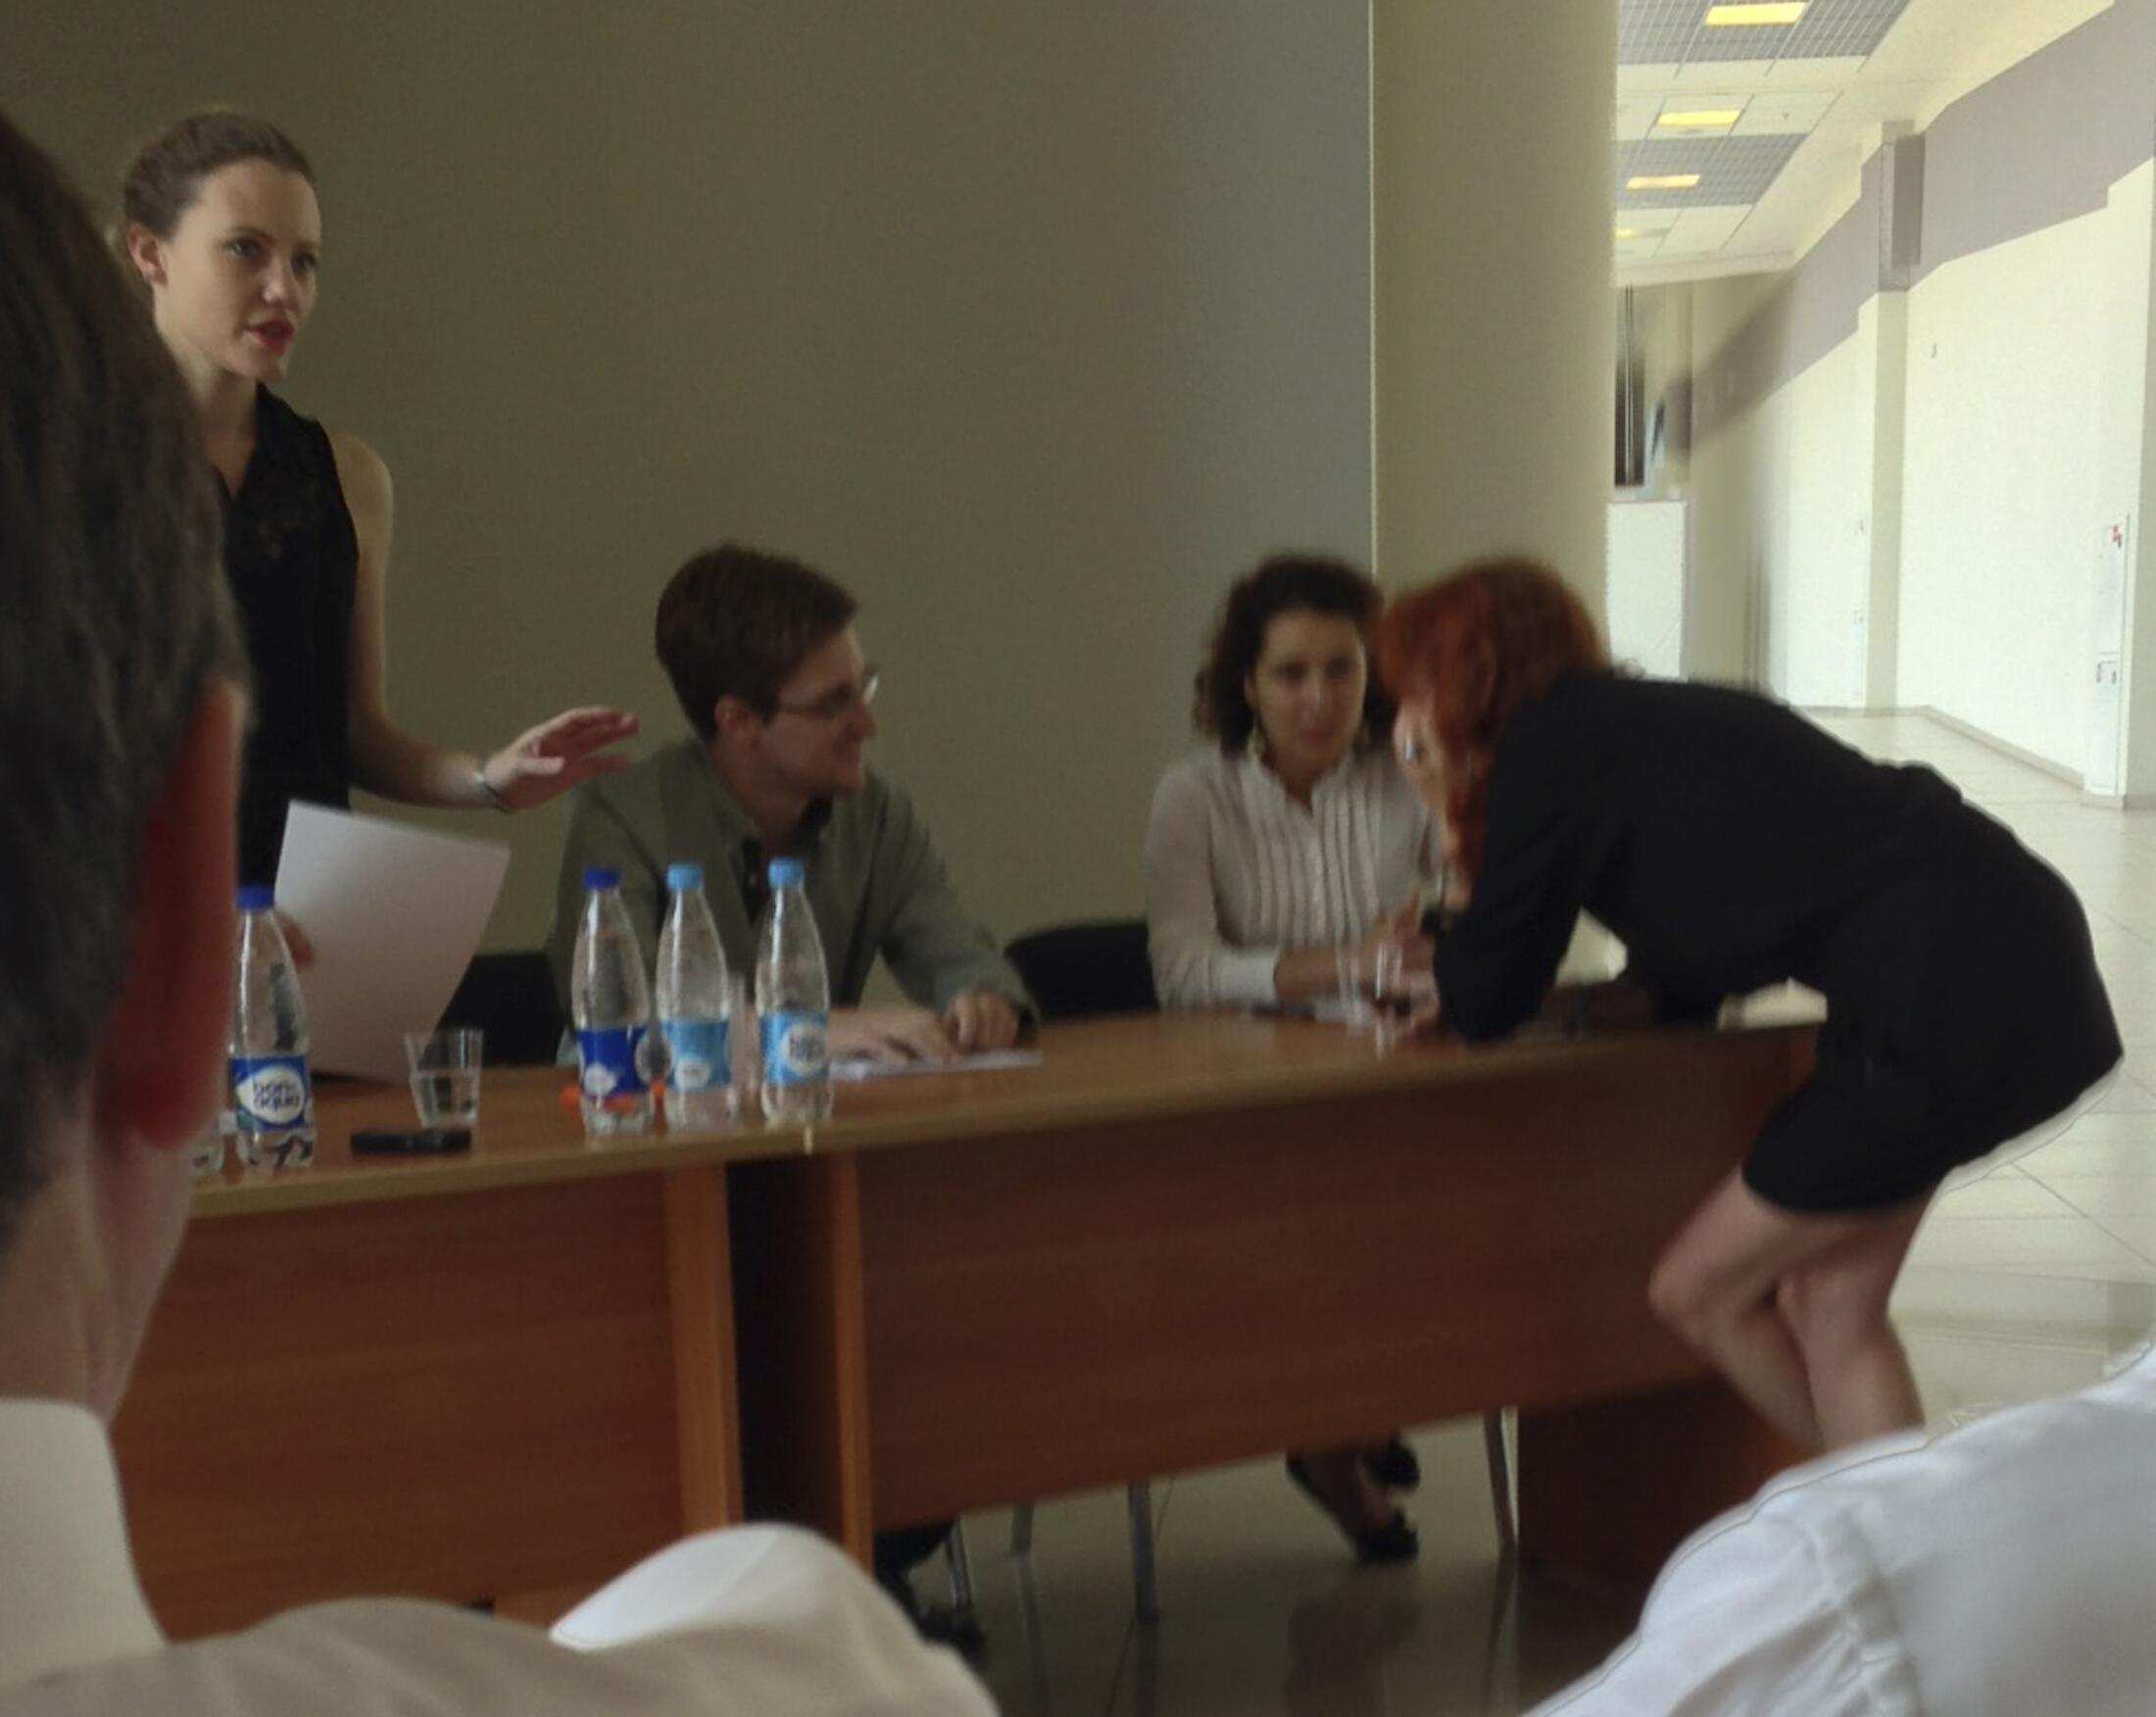 Эдвард Сноуден во время встречи с правозащитными организациями в аэропорту Шереметьево 12/07/2013